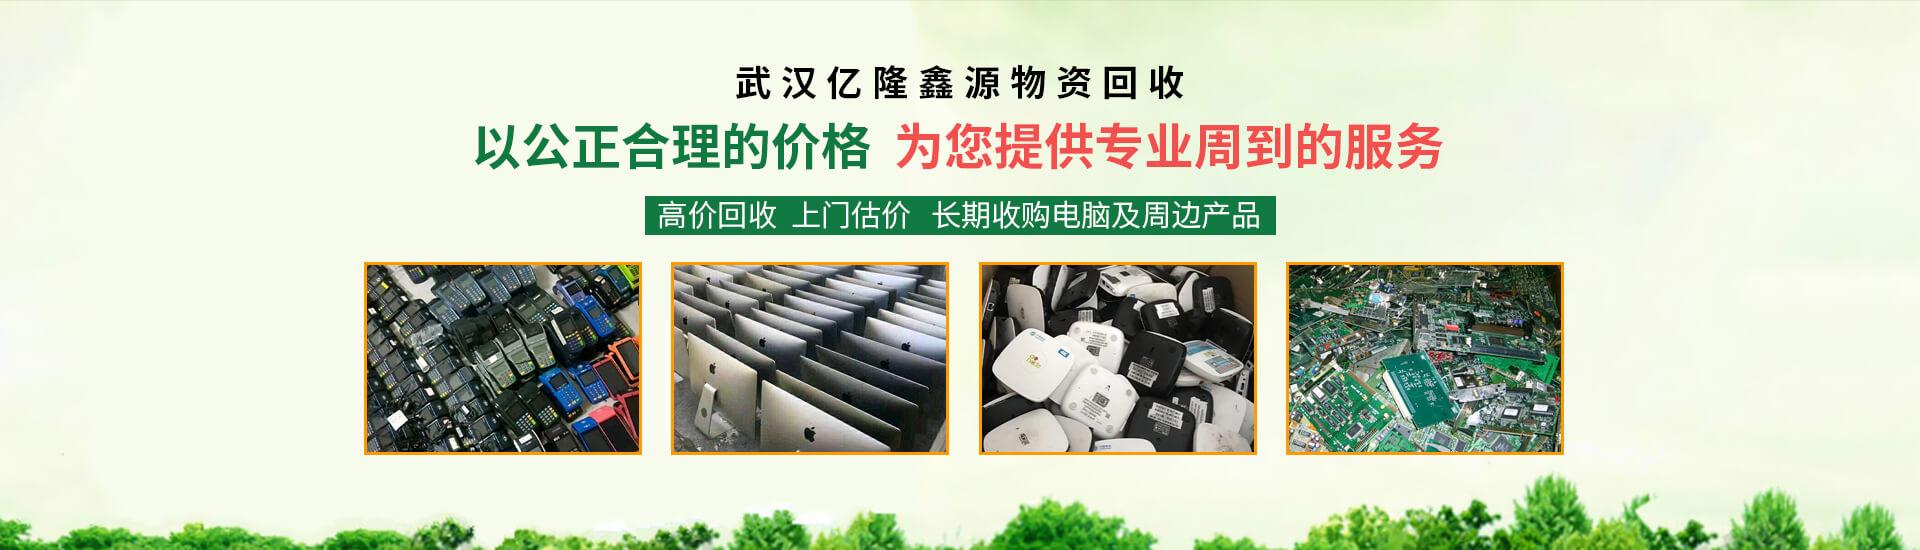 汉口电子废料回收公司